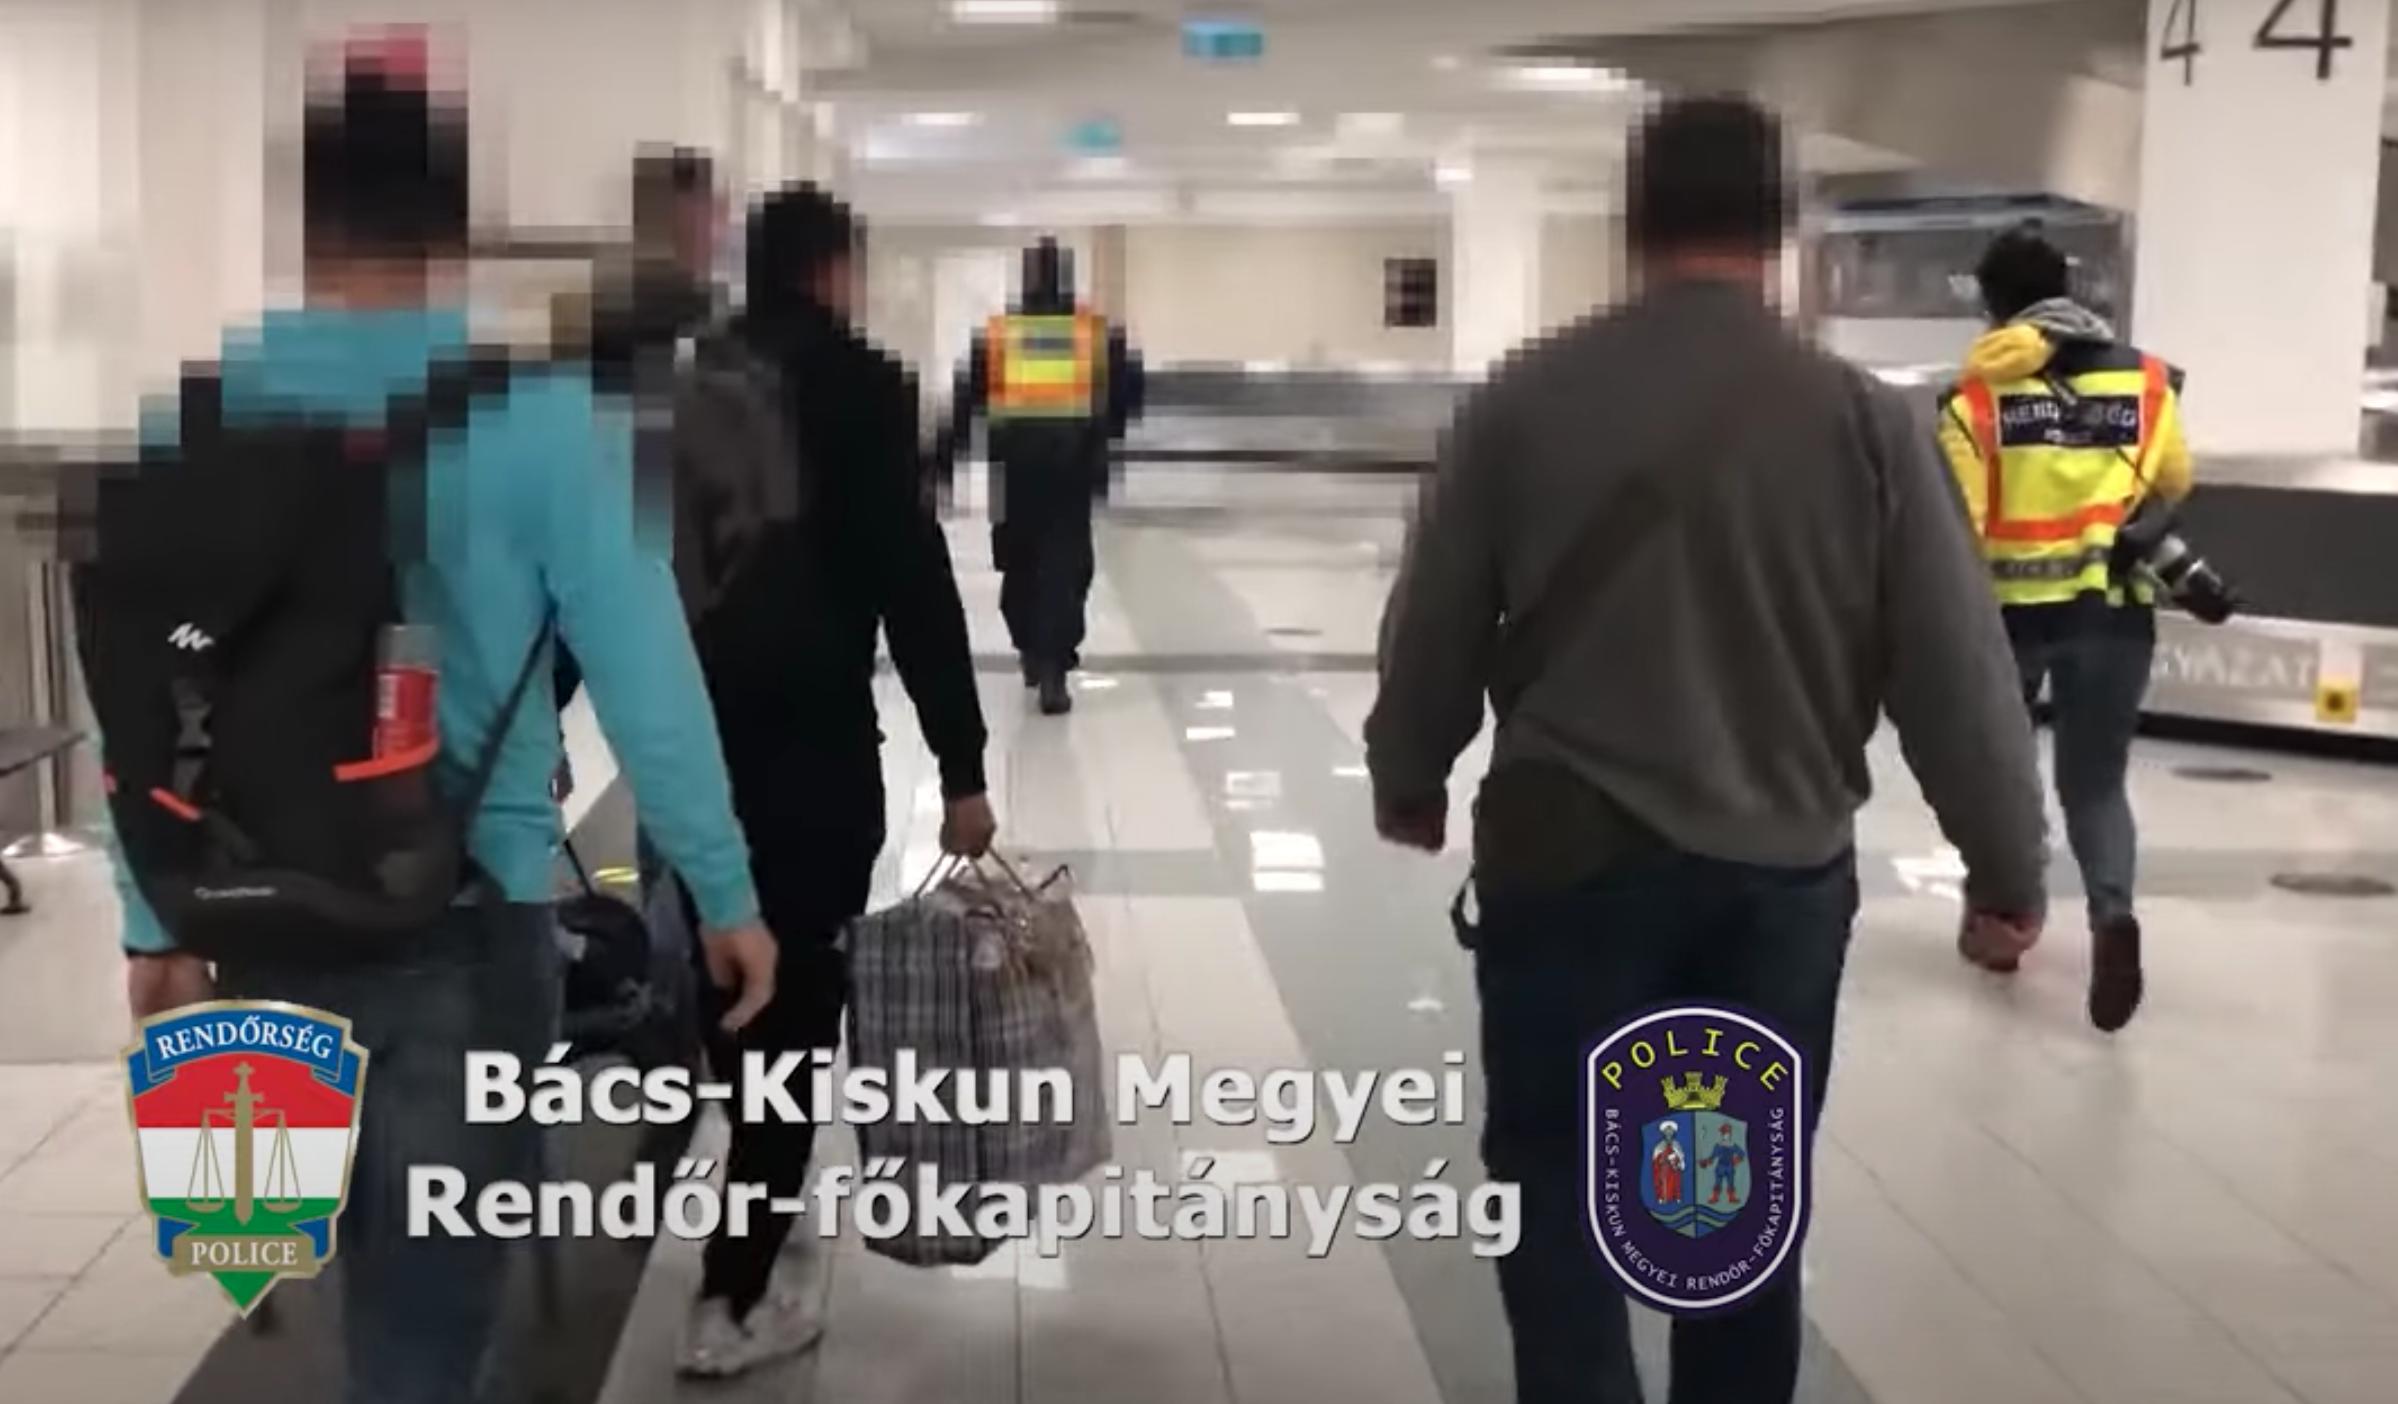 Spanyolországból hozták haza azt a férfit, aki az M5-ösön magát rendőrnek álcázva rabolt ki három embert